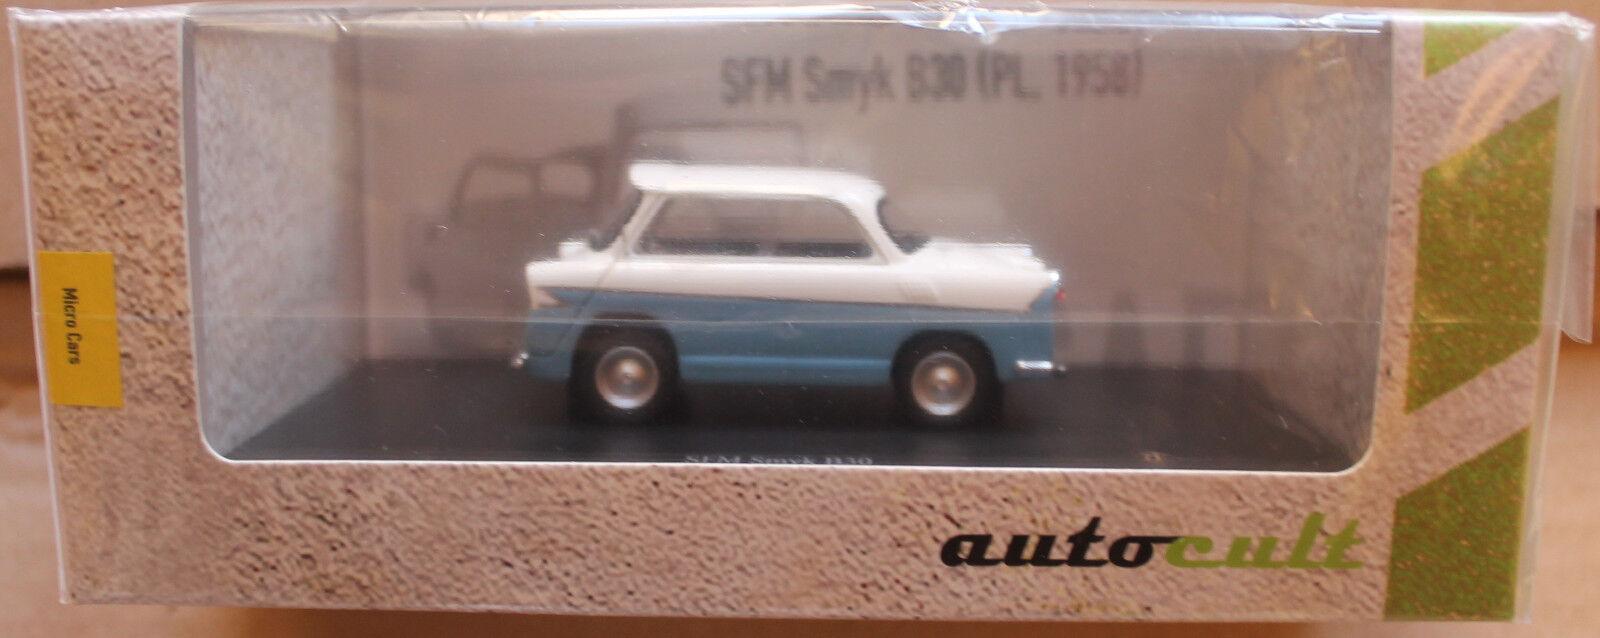 salutare Autocult 1 43 43 43  03002 SFM smyk b30 di 1958  scegli il tuo preferito